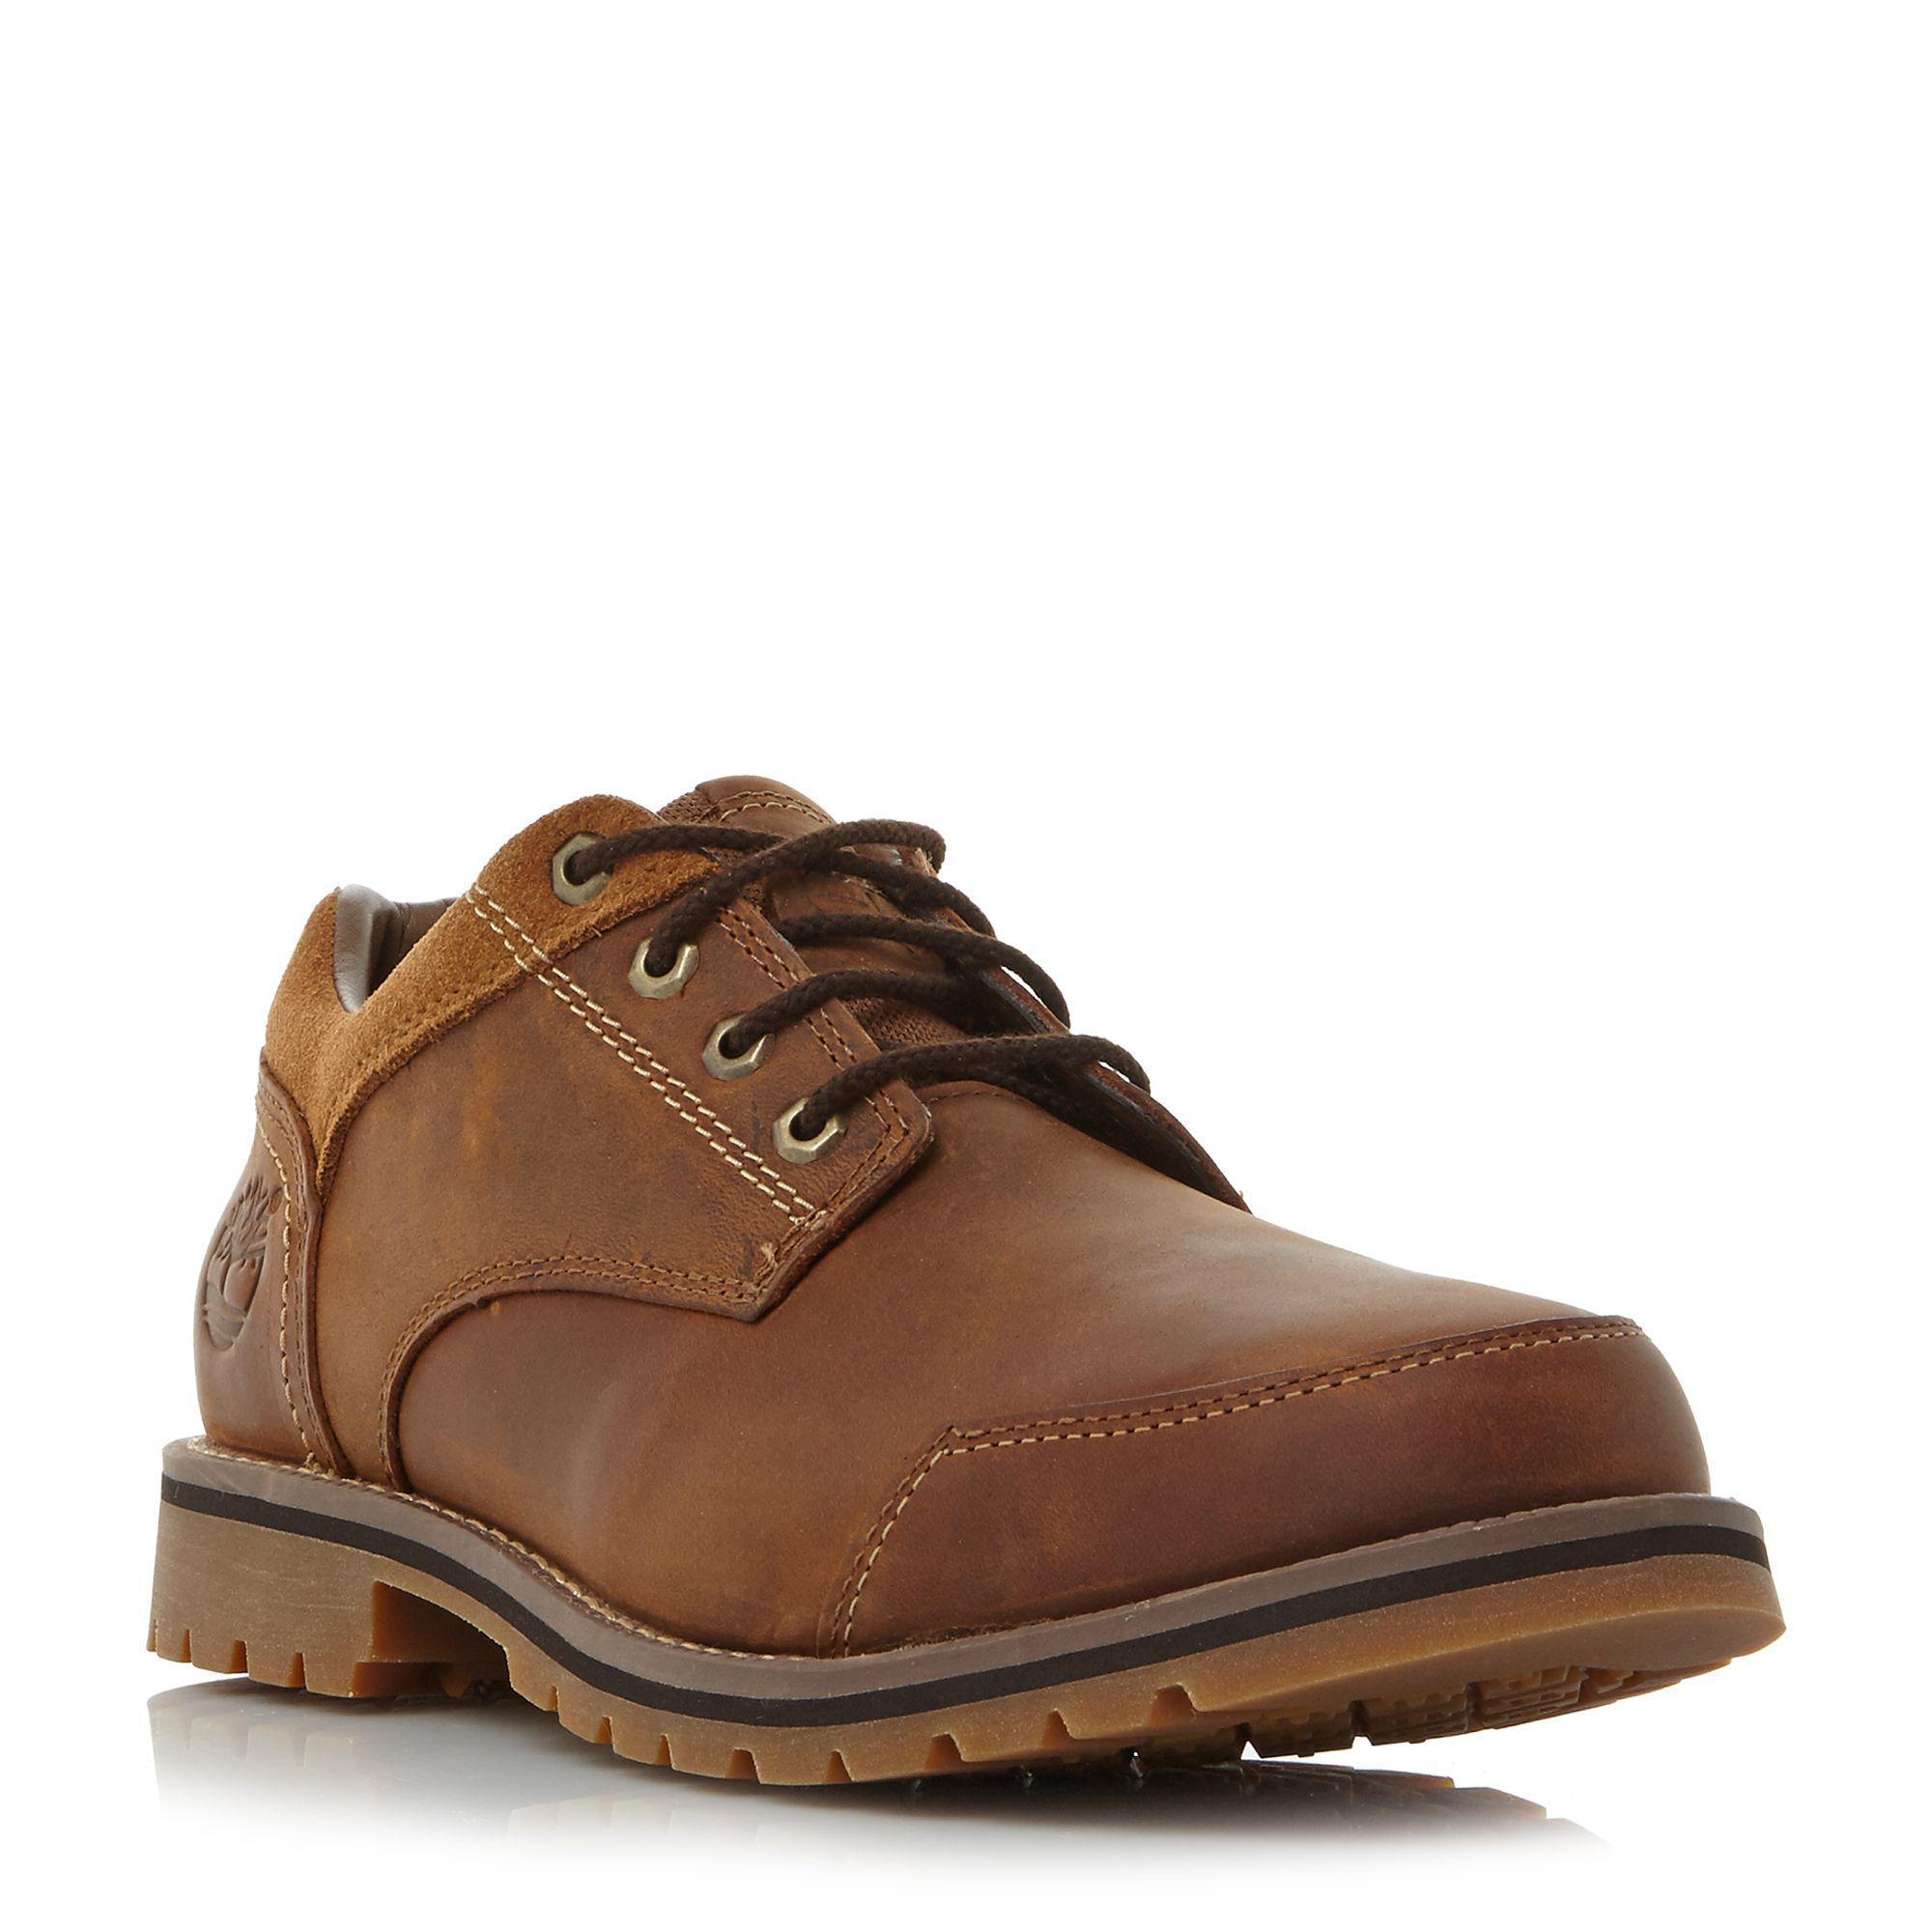 UK Shoes Store - Timberland Ek Stormbuck Plain Toe Oxford Shoes laces man